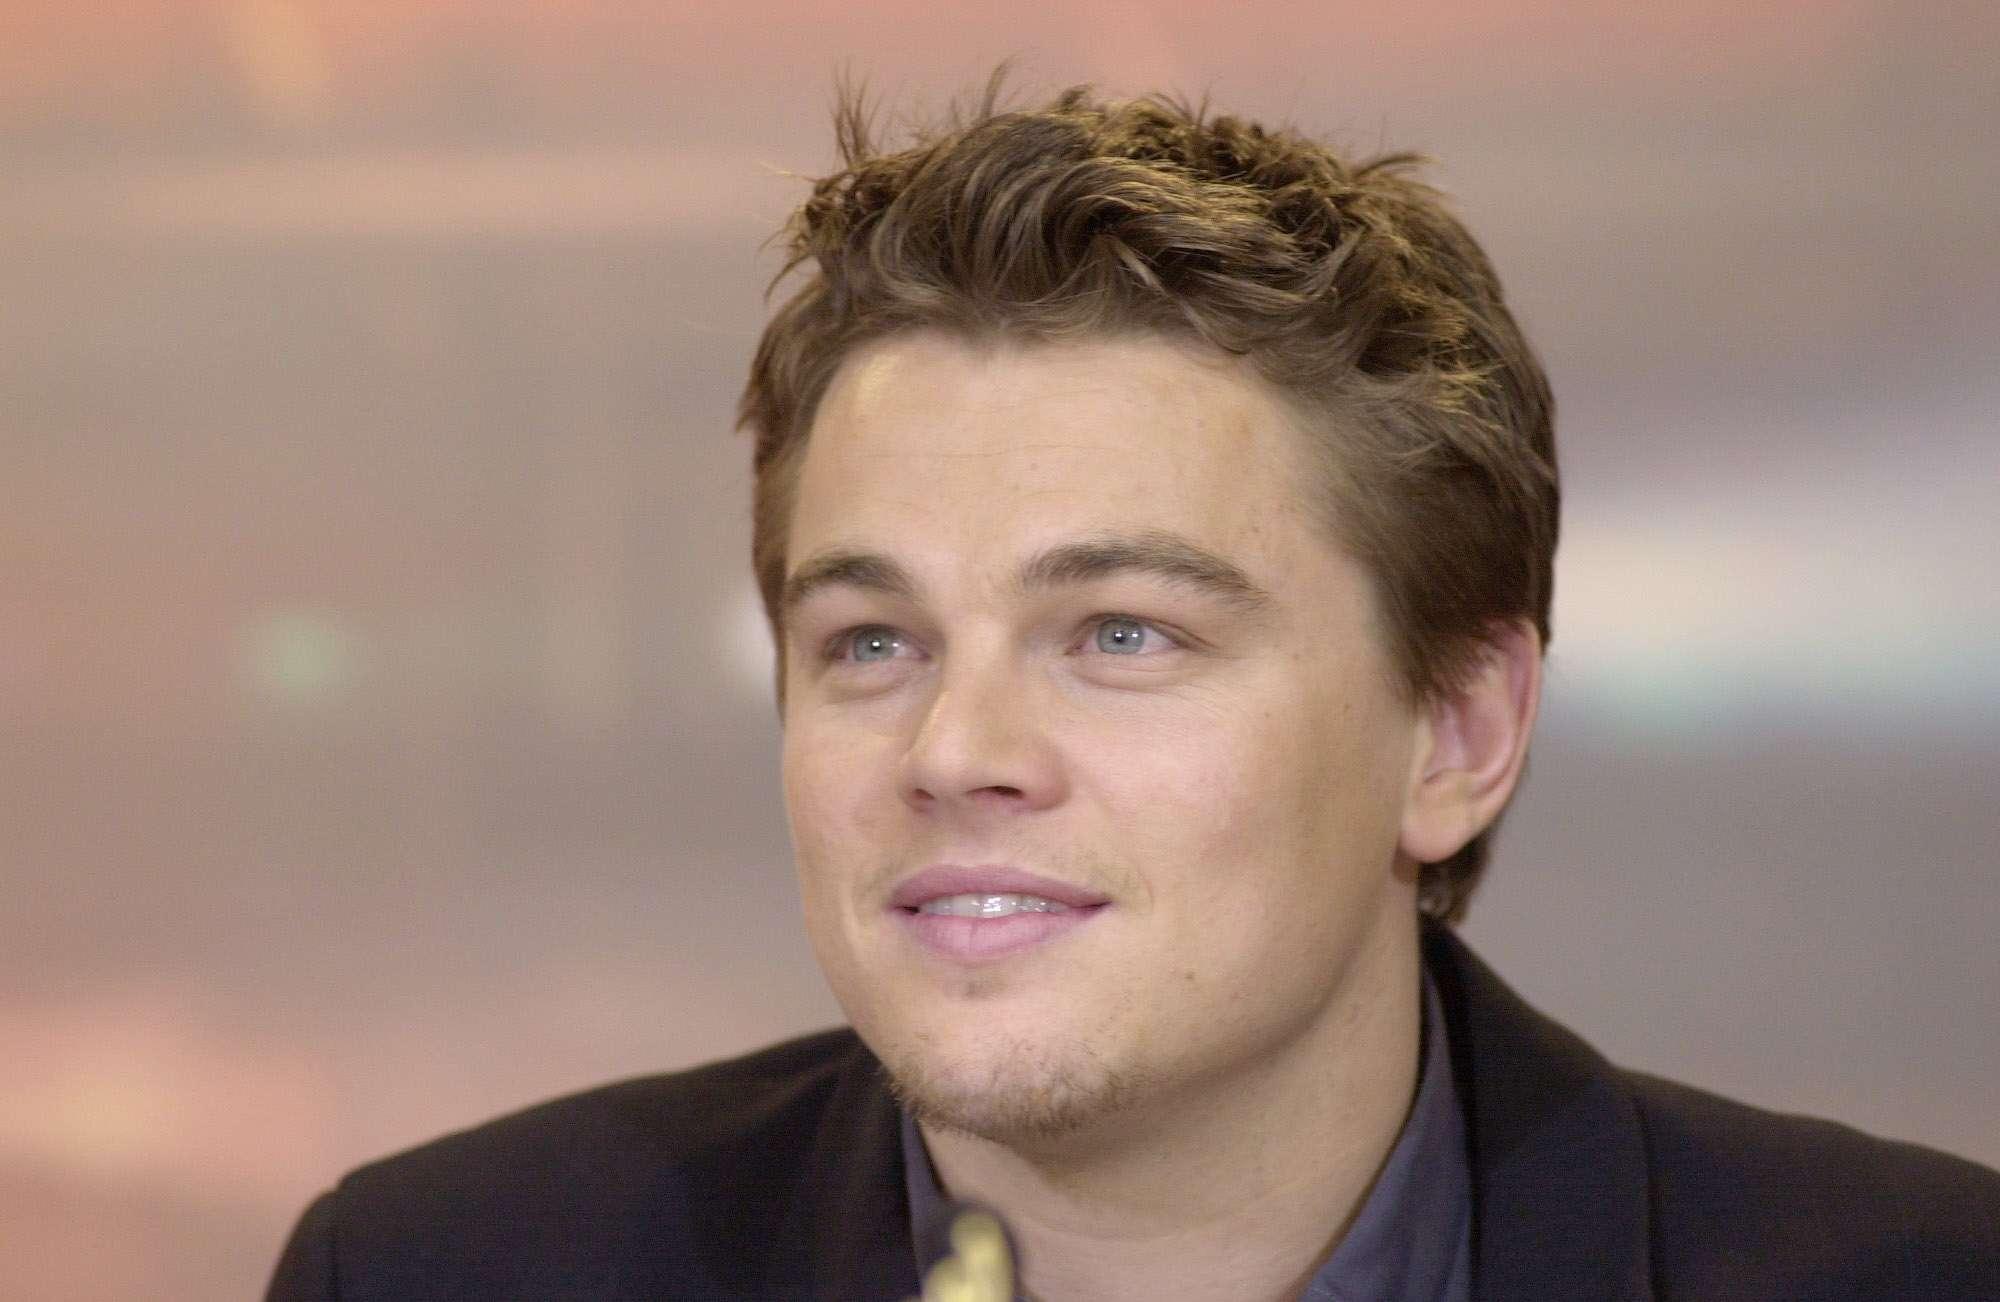 Leonardo DiCaprio Hair 2000